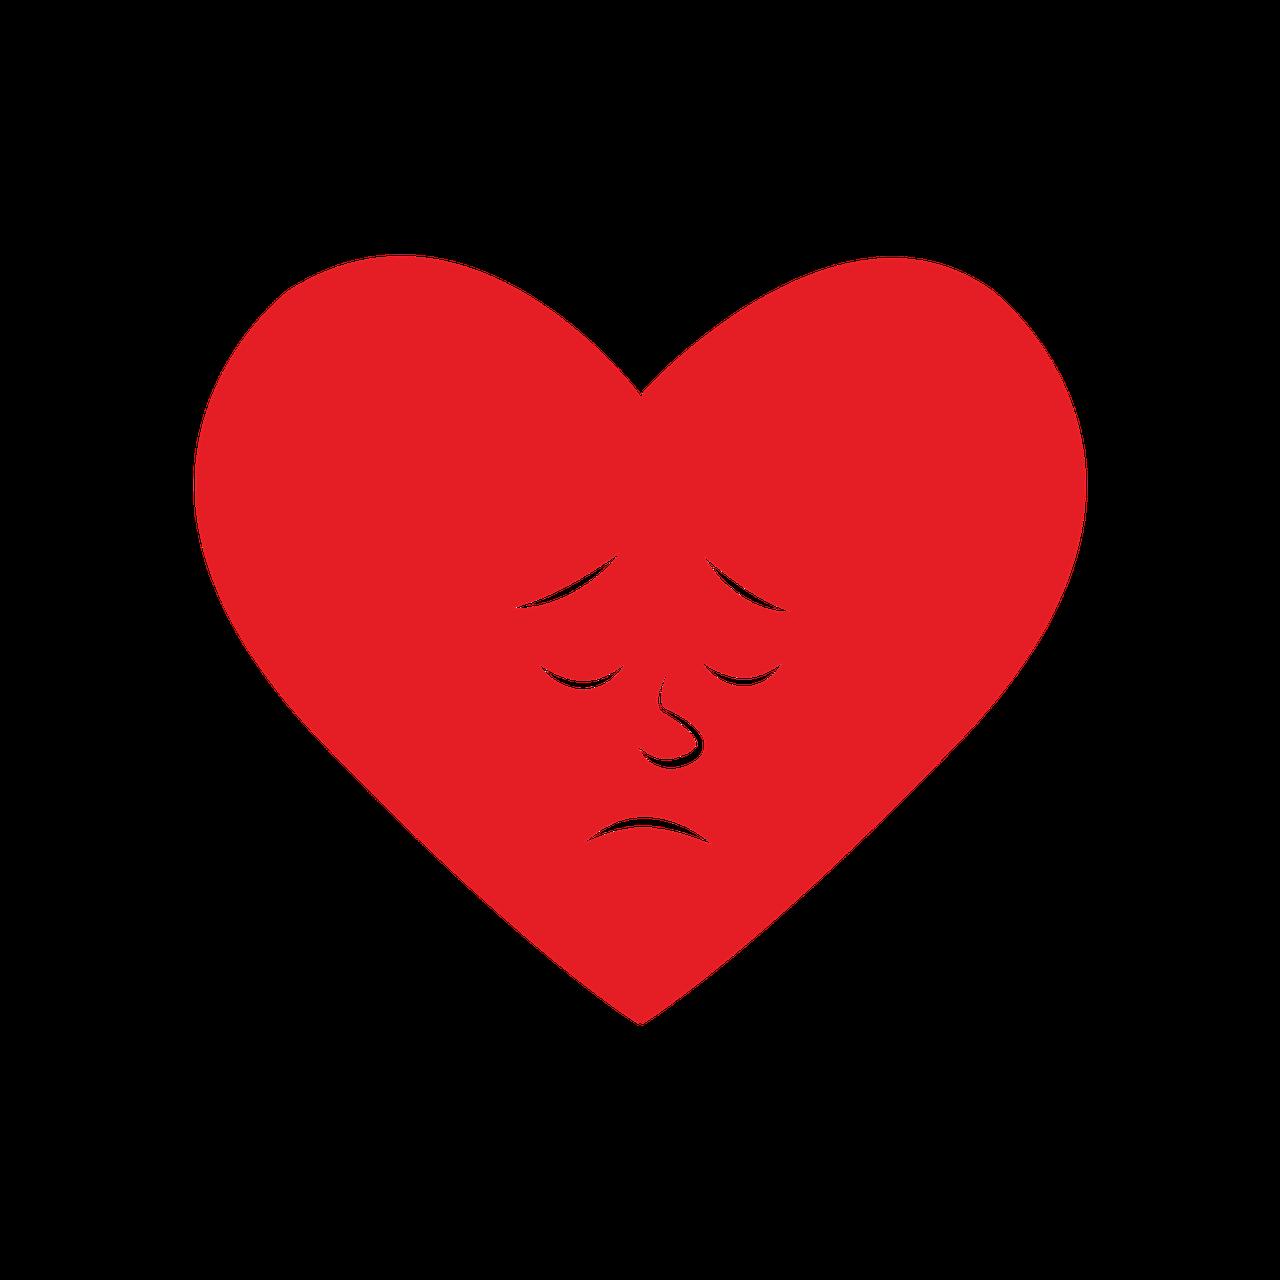 картинки грустные сердечки вместе